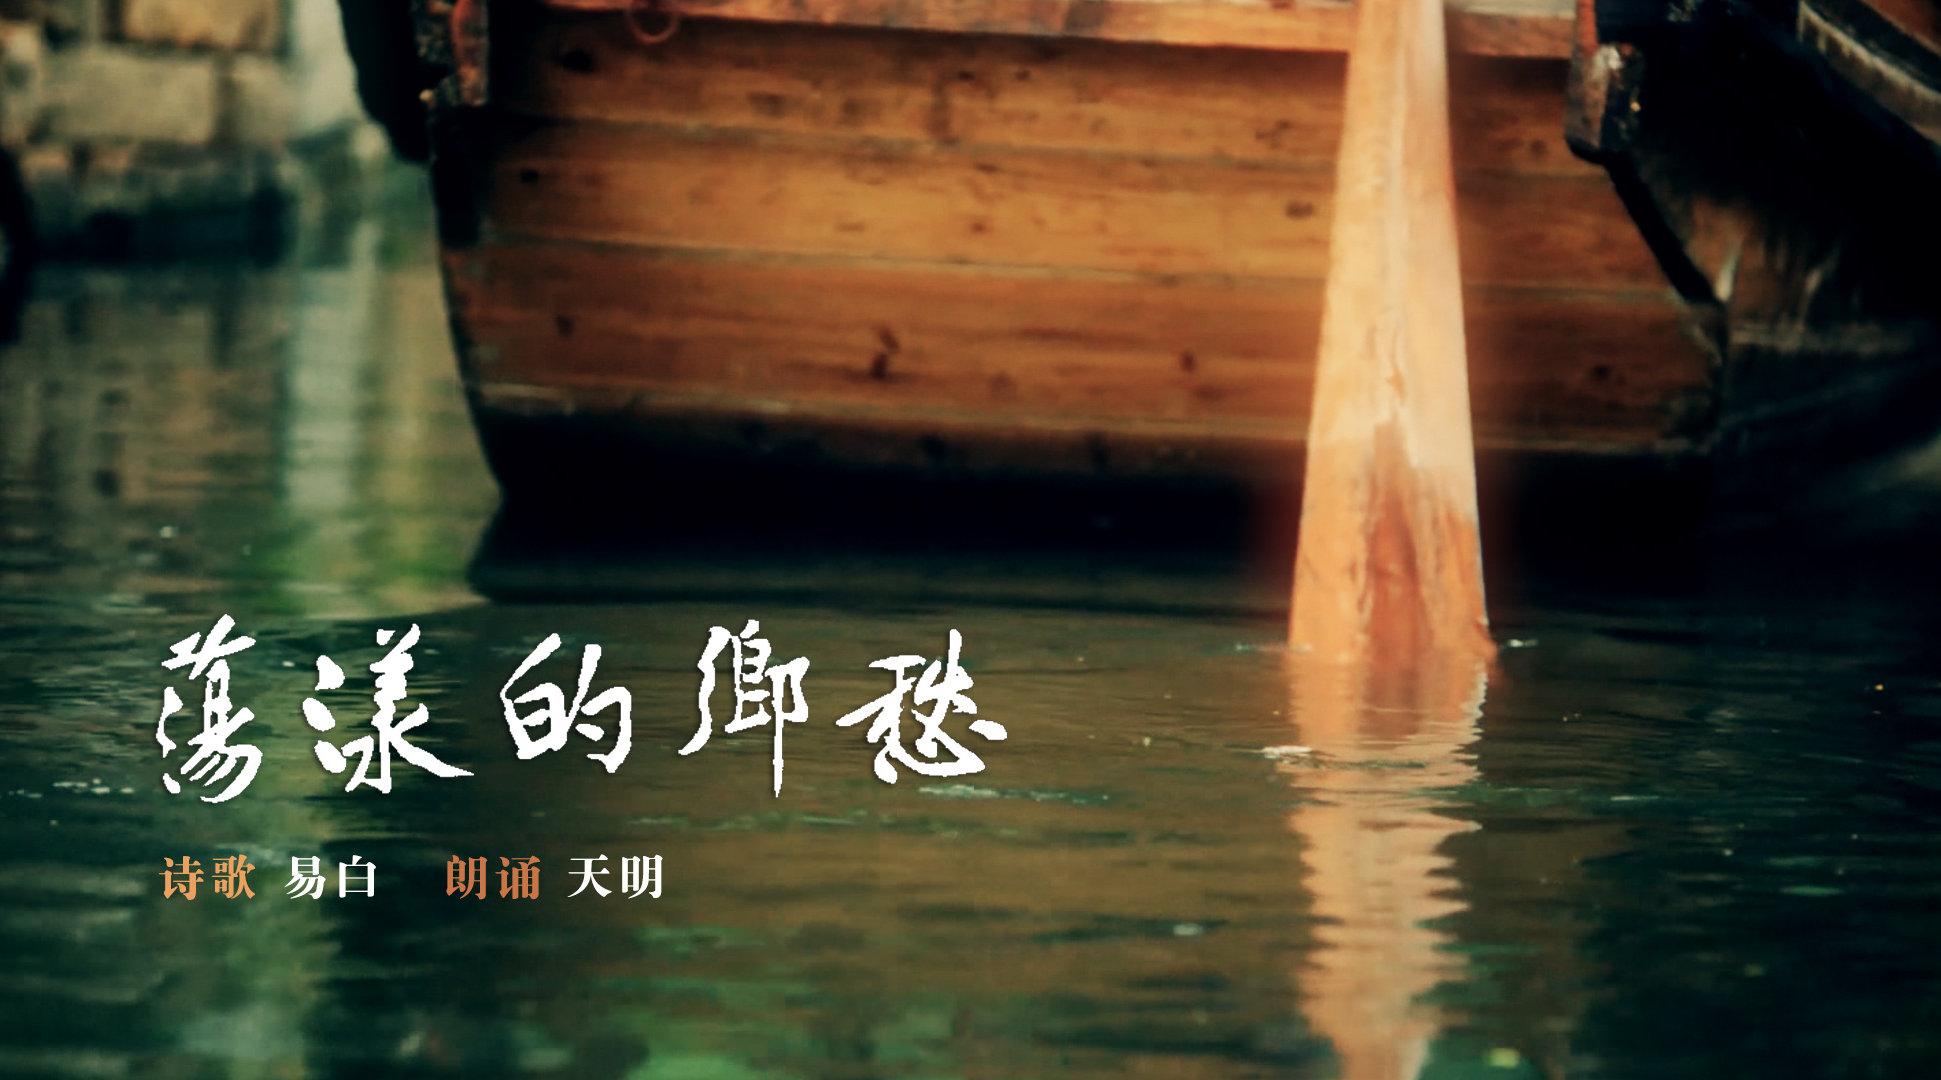 著名演员宋祖明朗诵易白诗歌《荡漾的乡愁》台词功底超赞